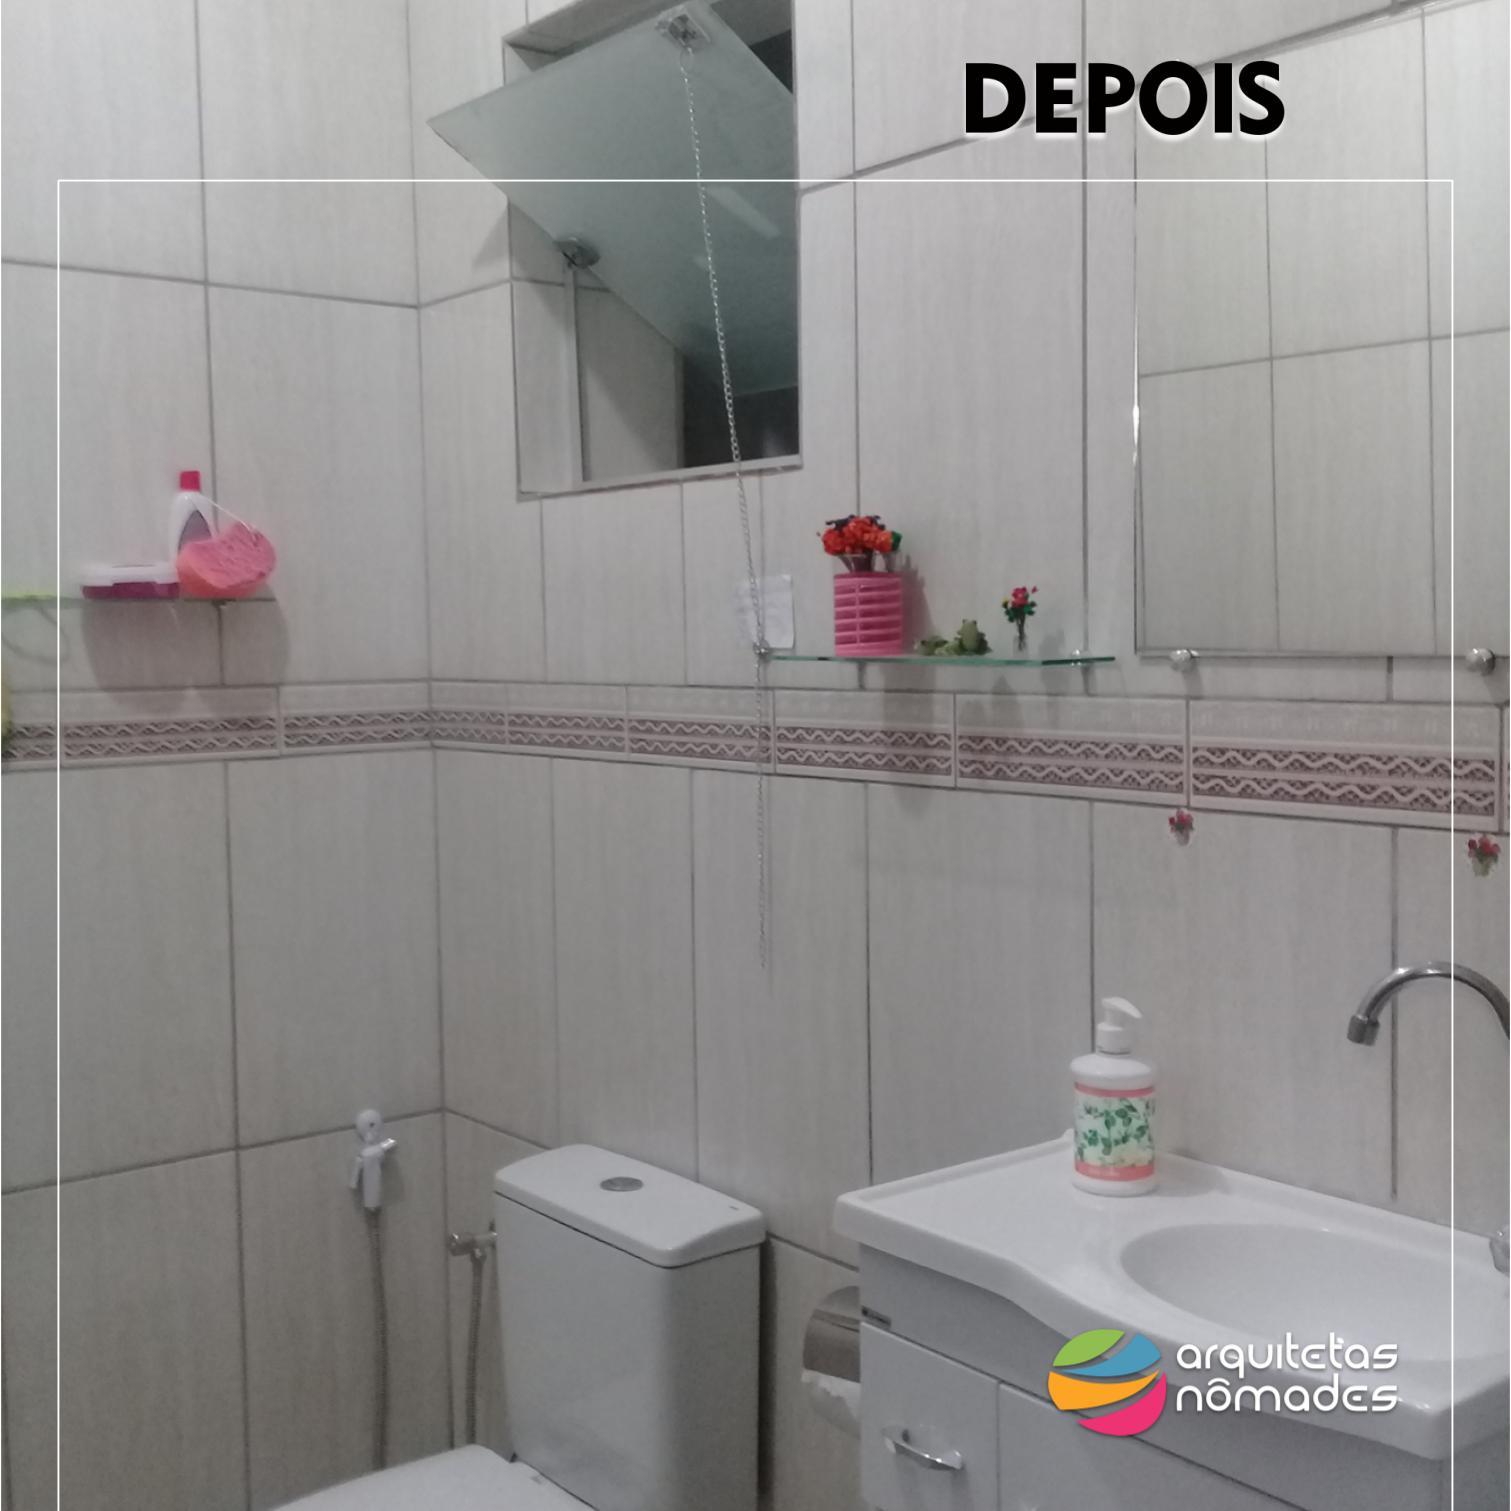 DEPOIS2-katia